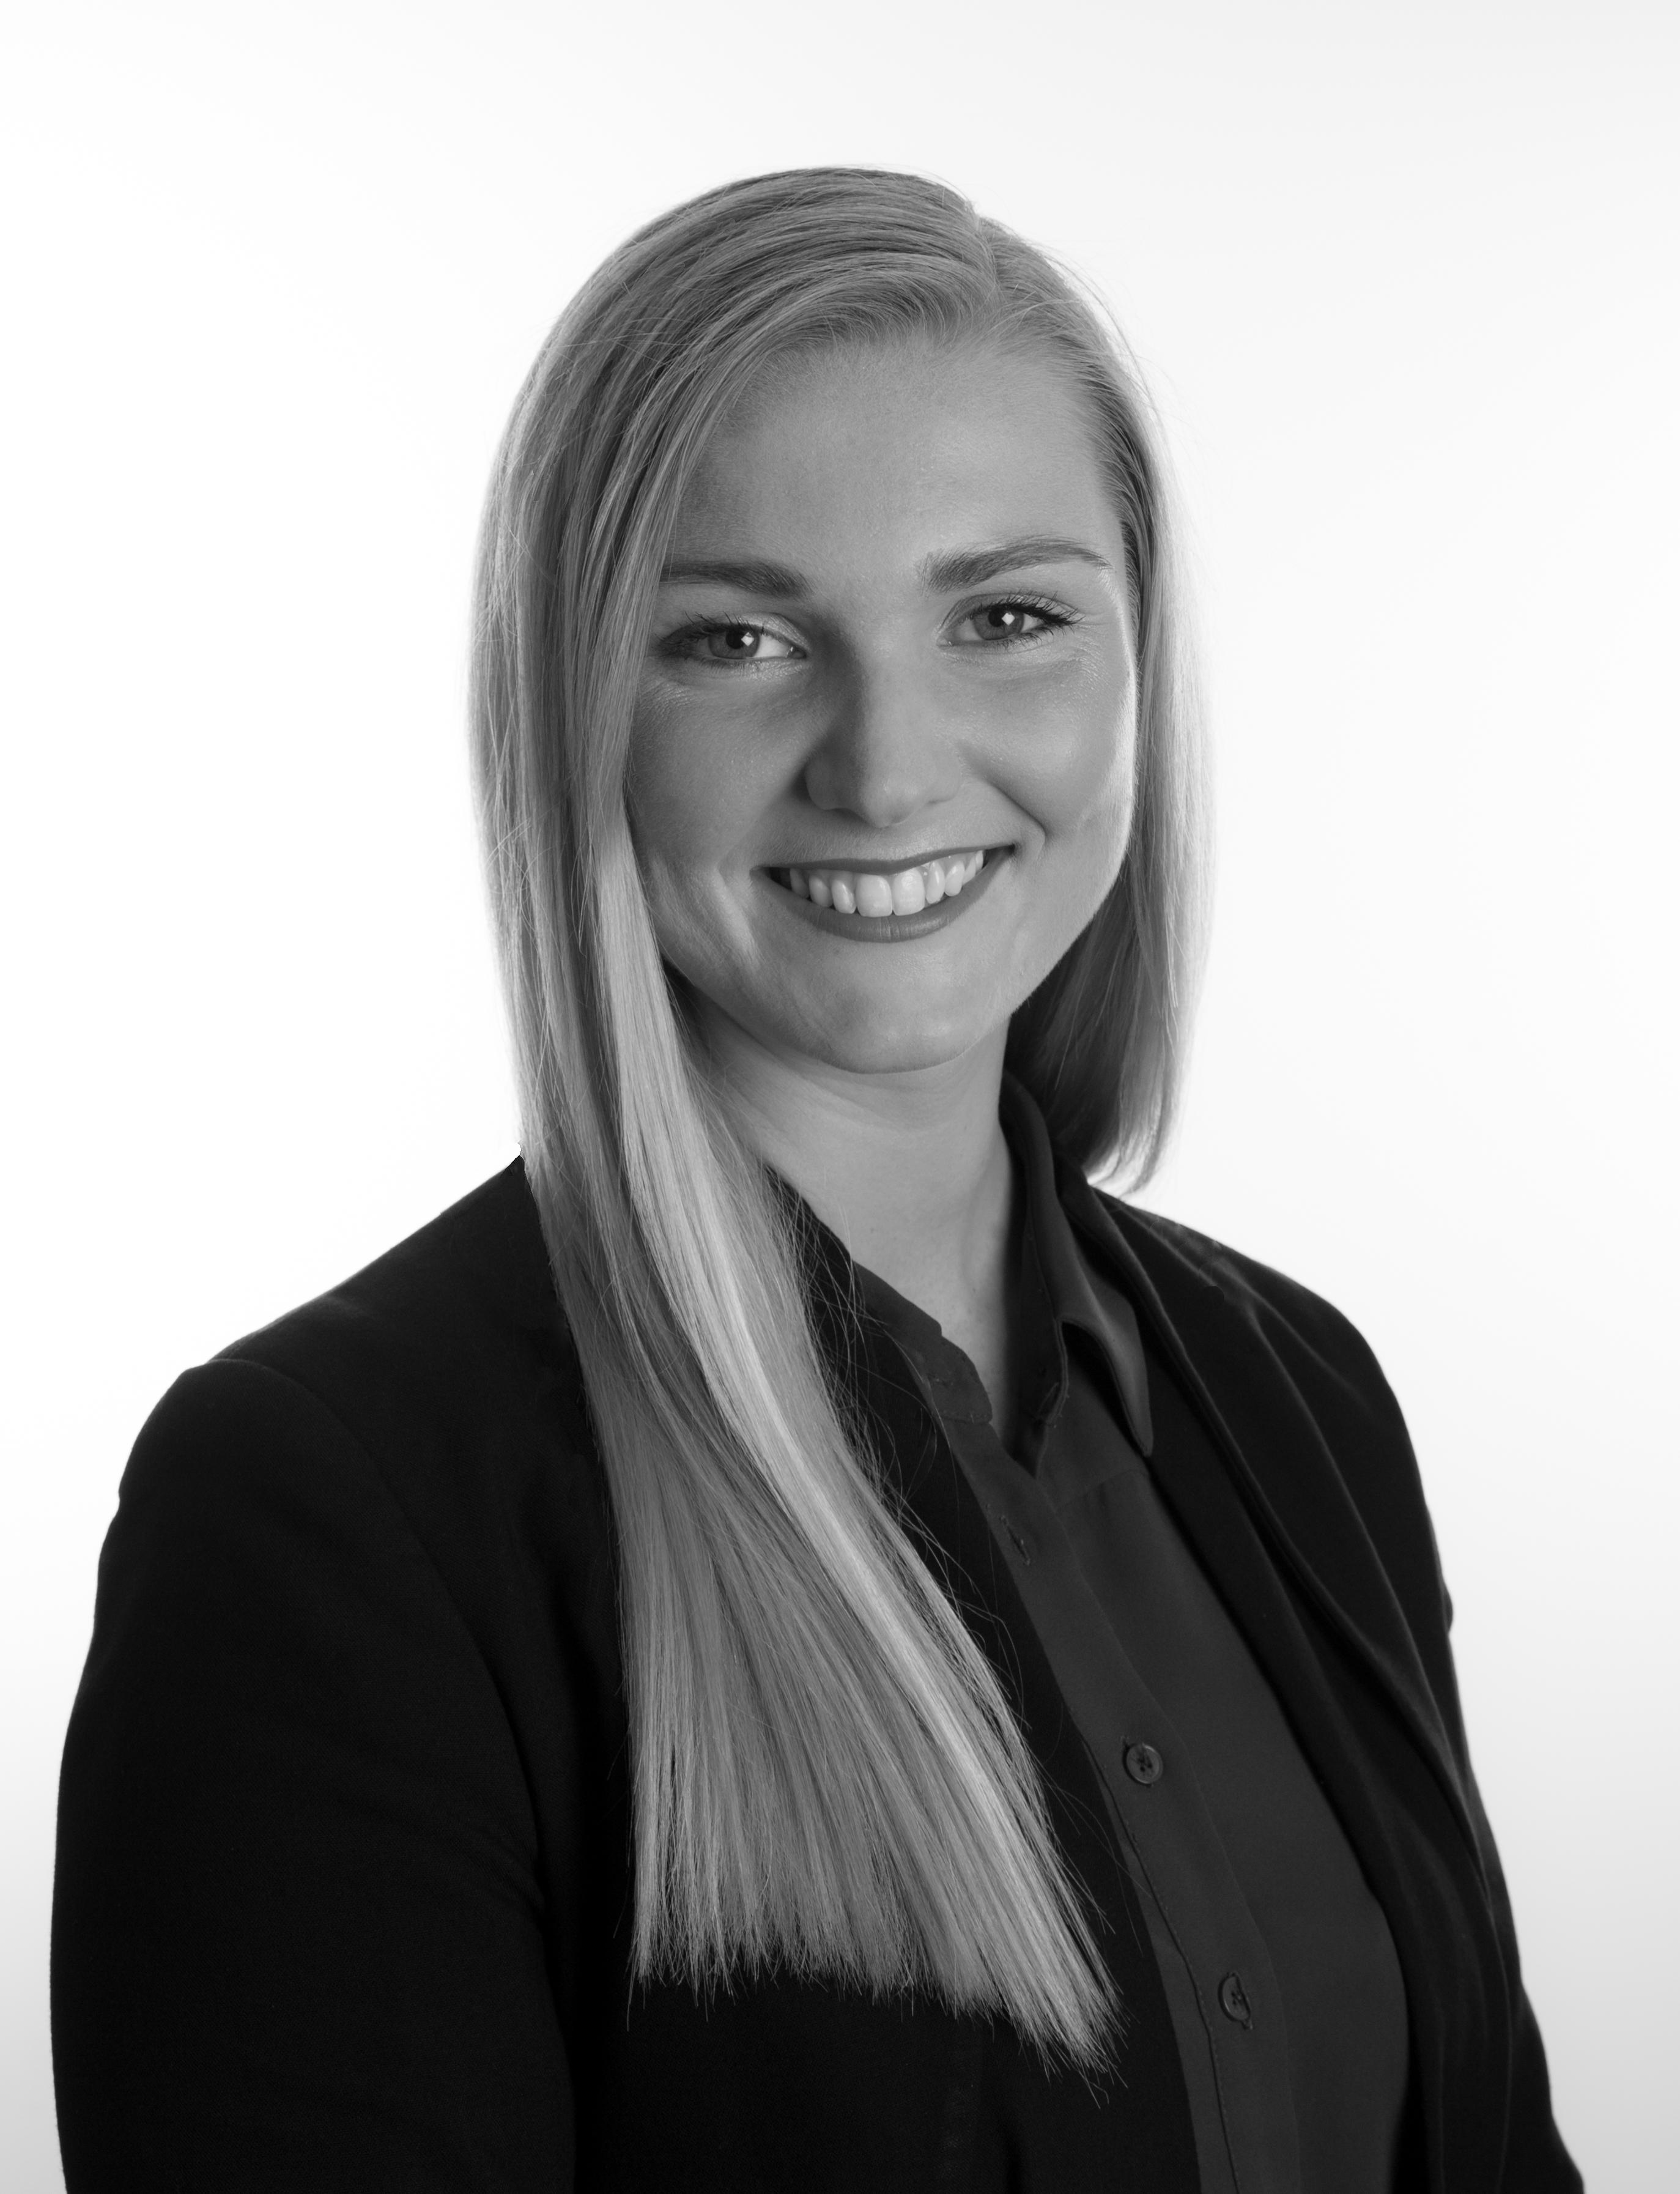 Ms Brianna Finnegan